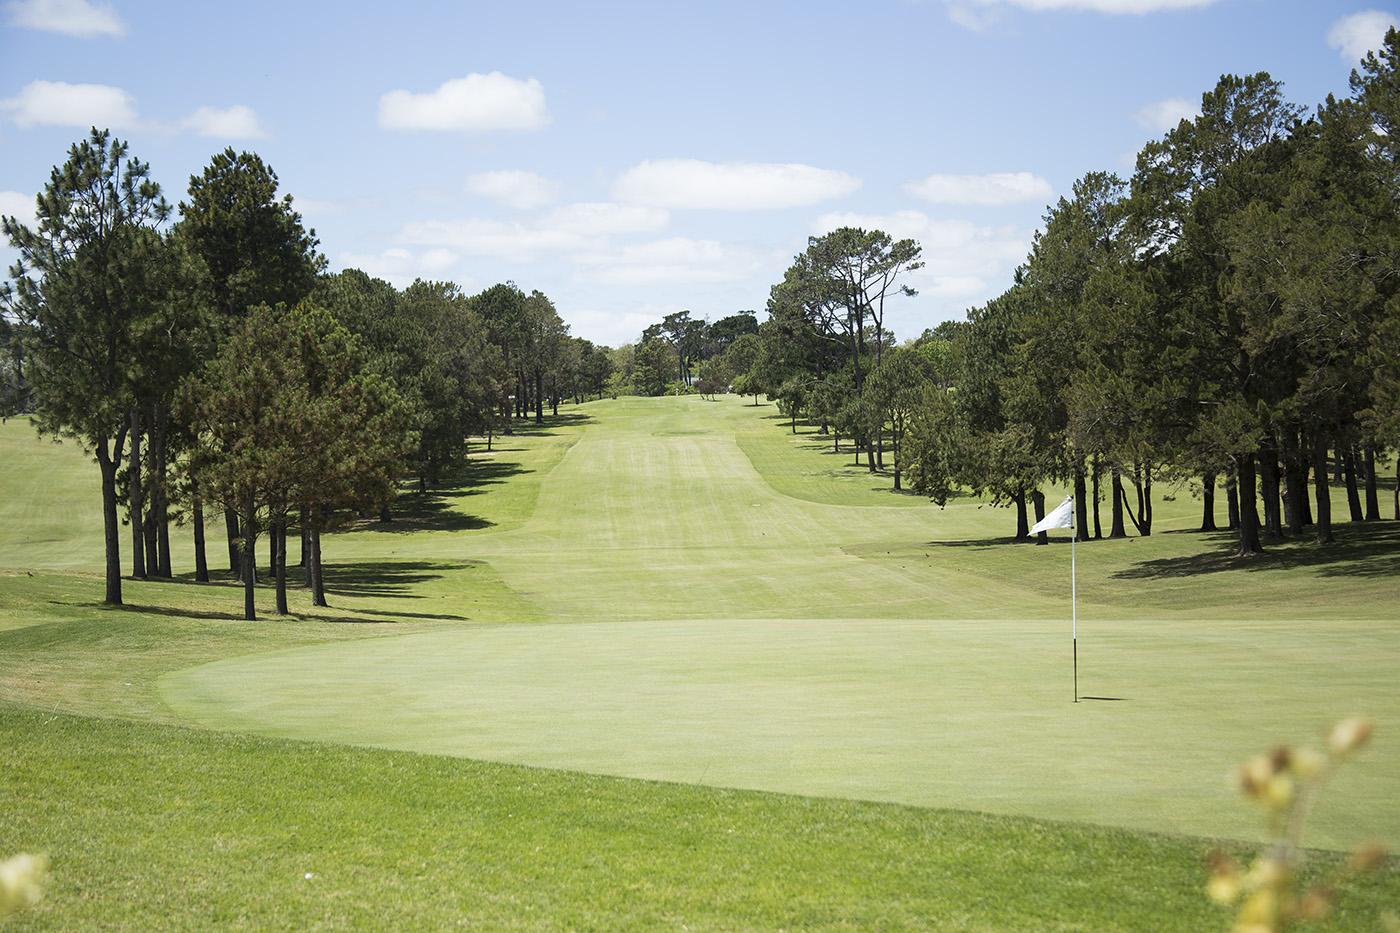 Rincón del Este integra el circuito de Resorts de Golf de Interval International